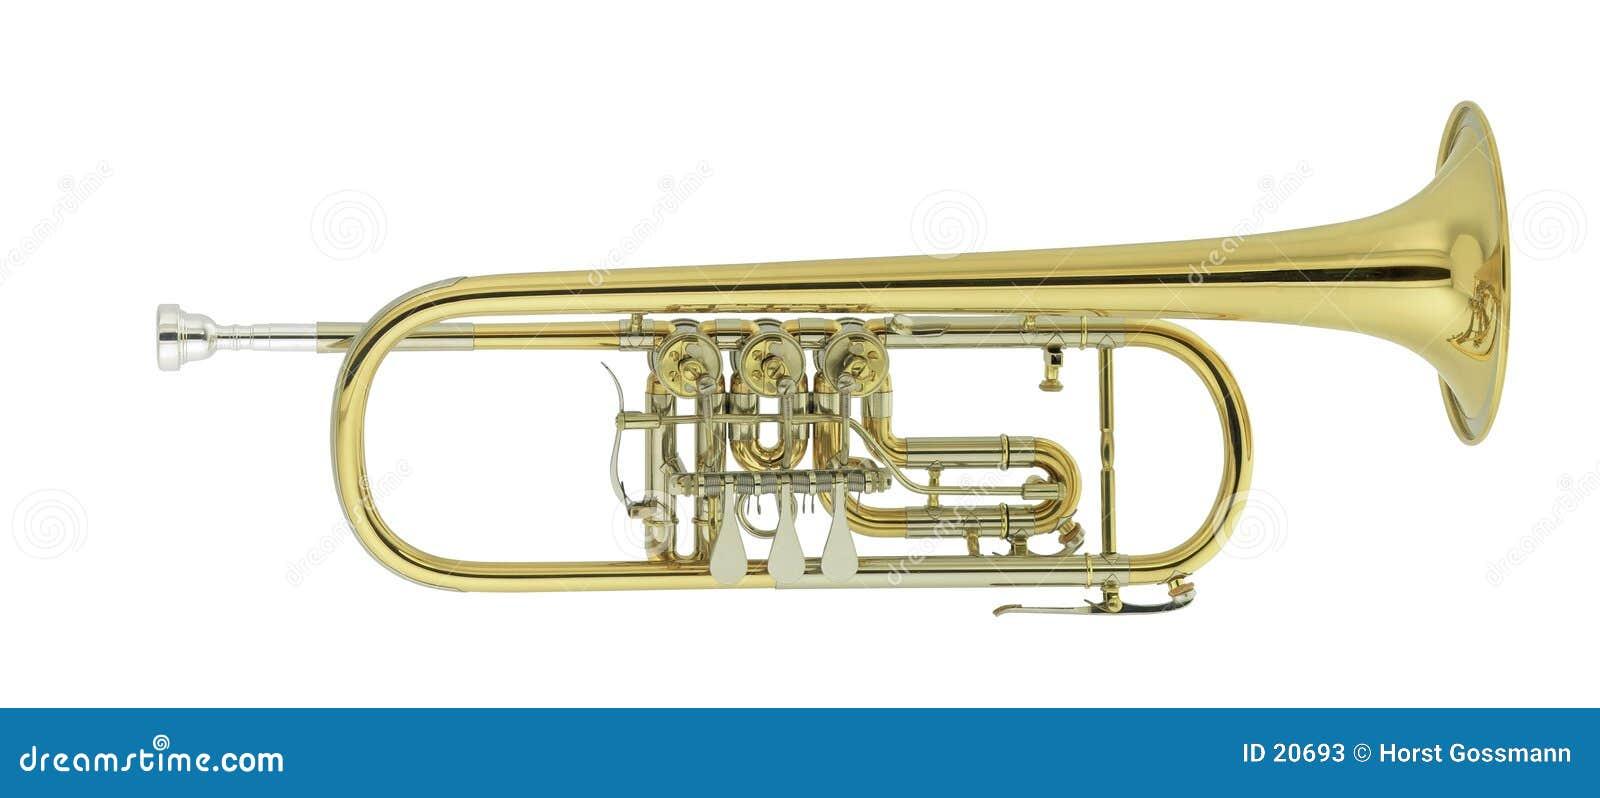 Concert trumpet